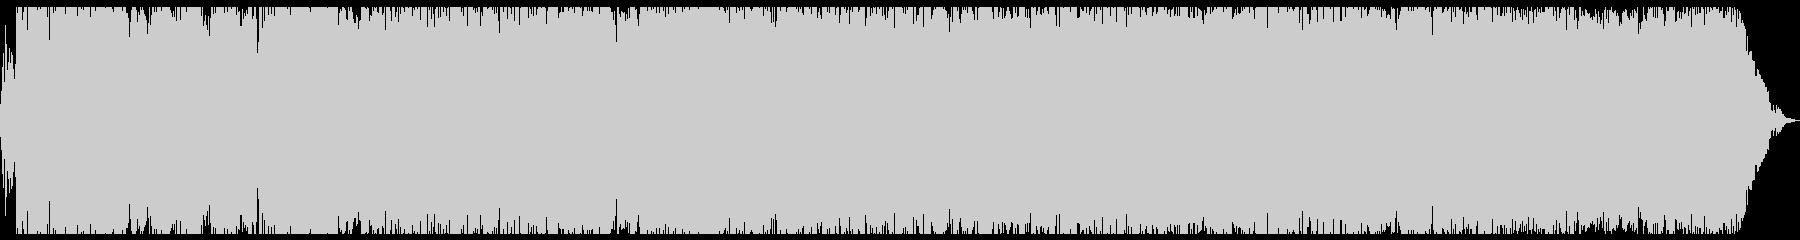 難解な碑文【用心して聞いてください】の未再生の波形